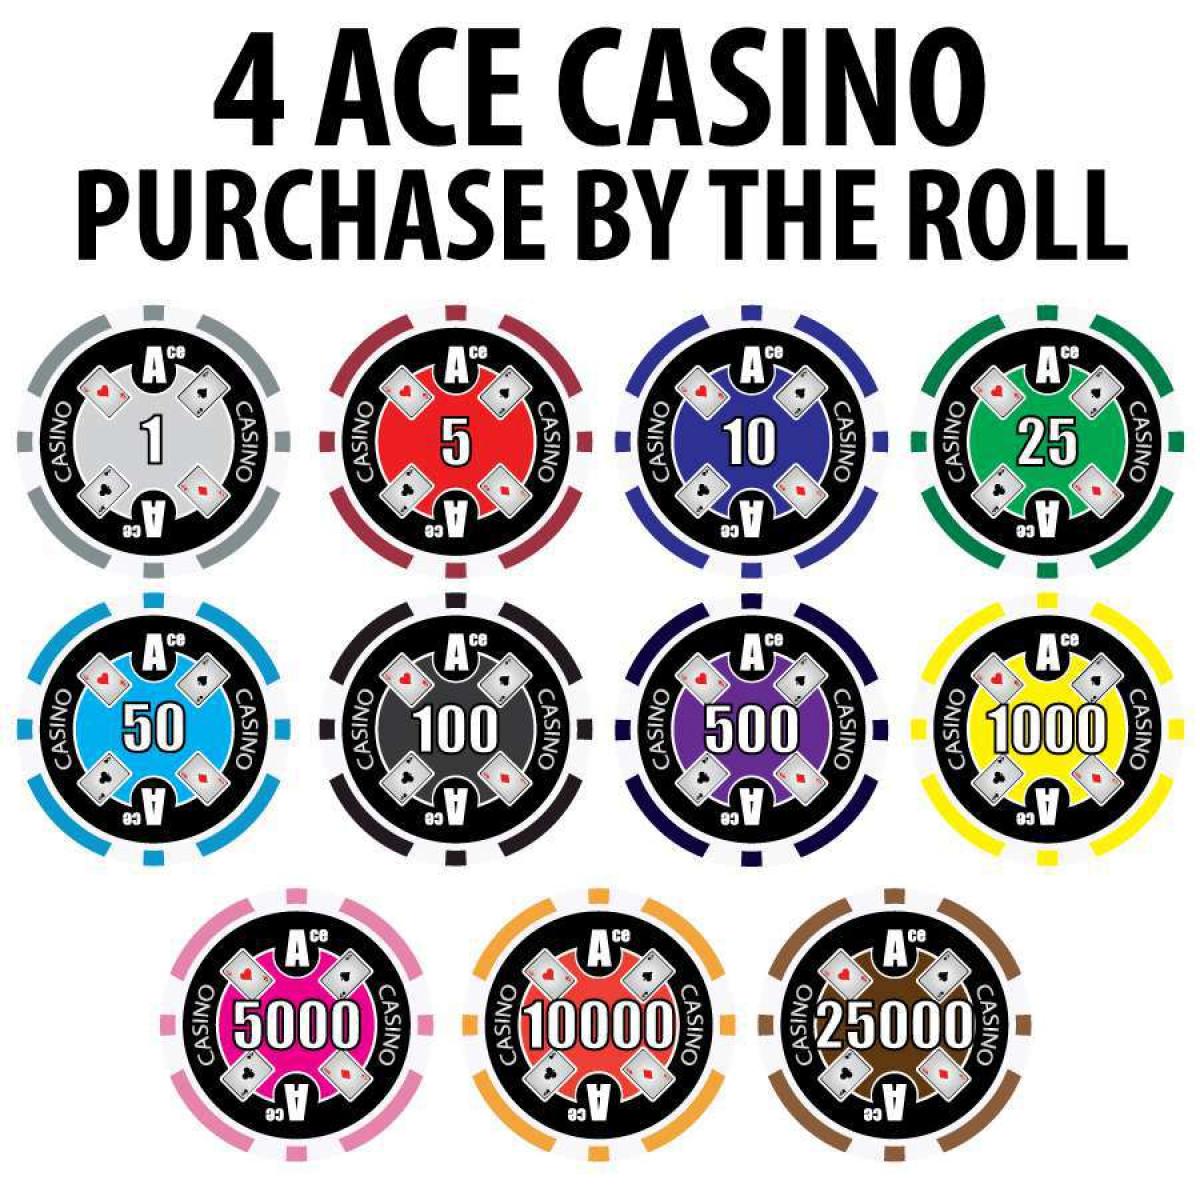 aces casino